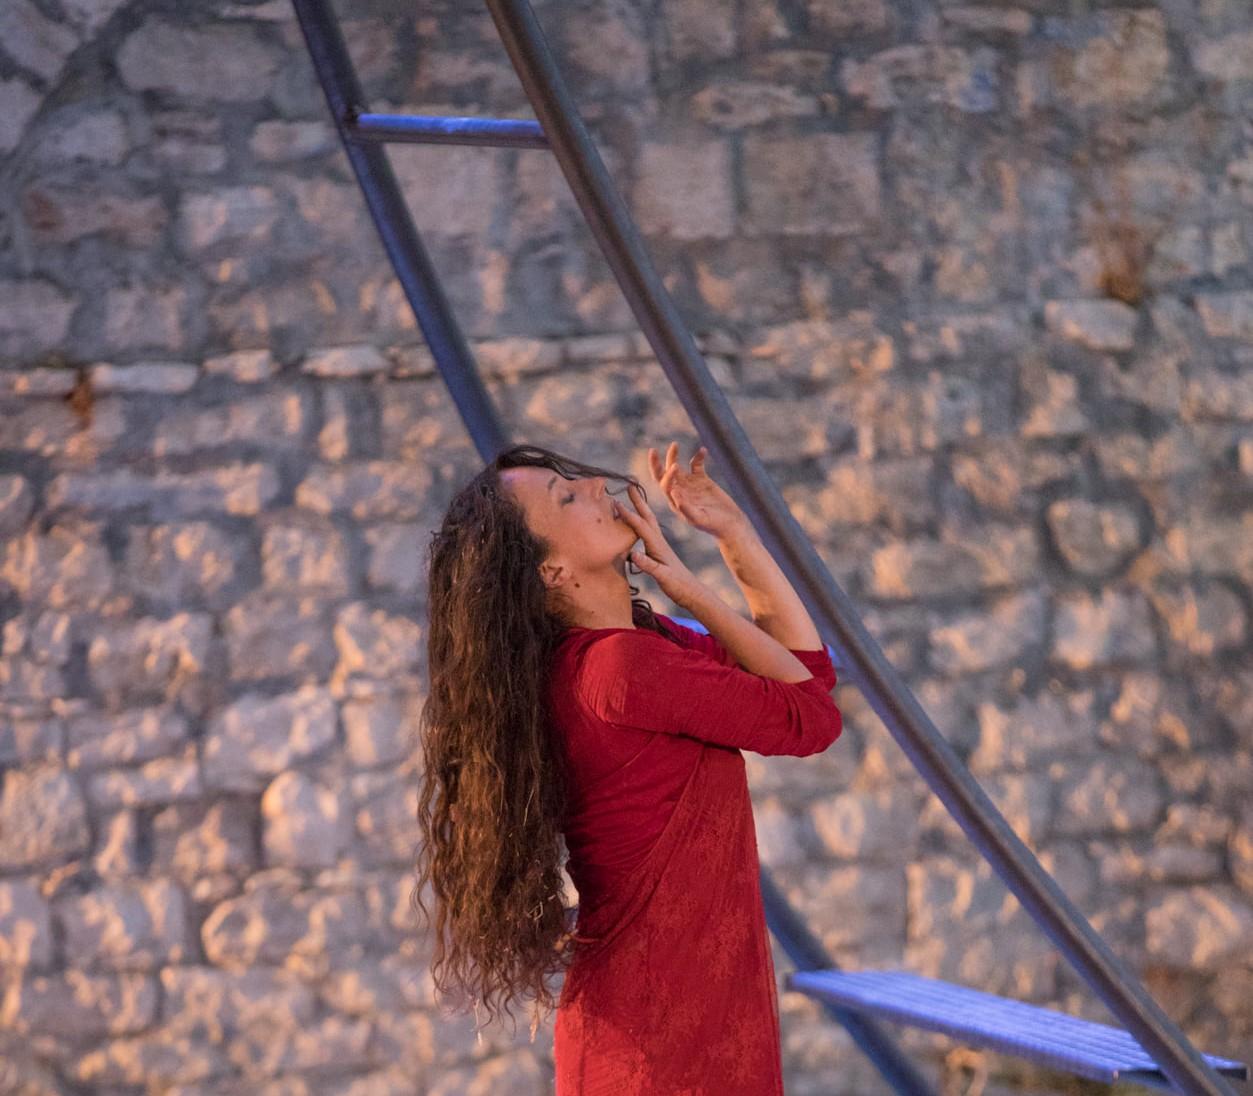 Το Γεφύρι της Άρτας σε σκηνοθεσία Μαριάννας Κάλμπαρη στο Βεάκειο Δημοτικό Θέατρο